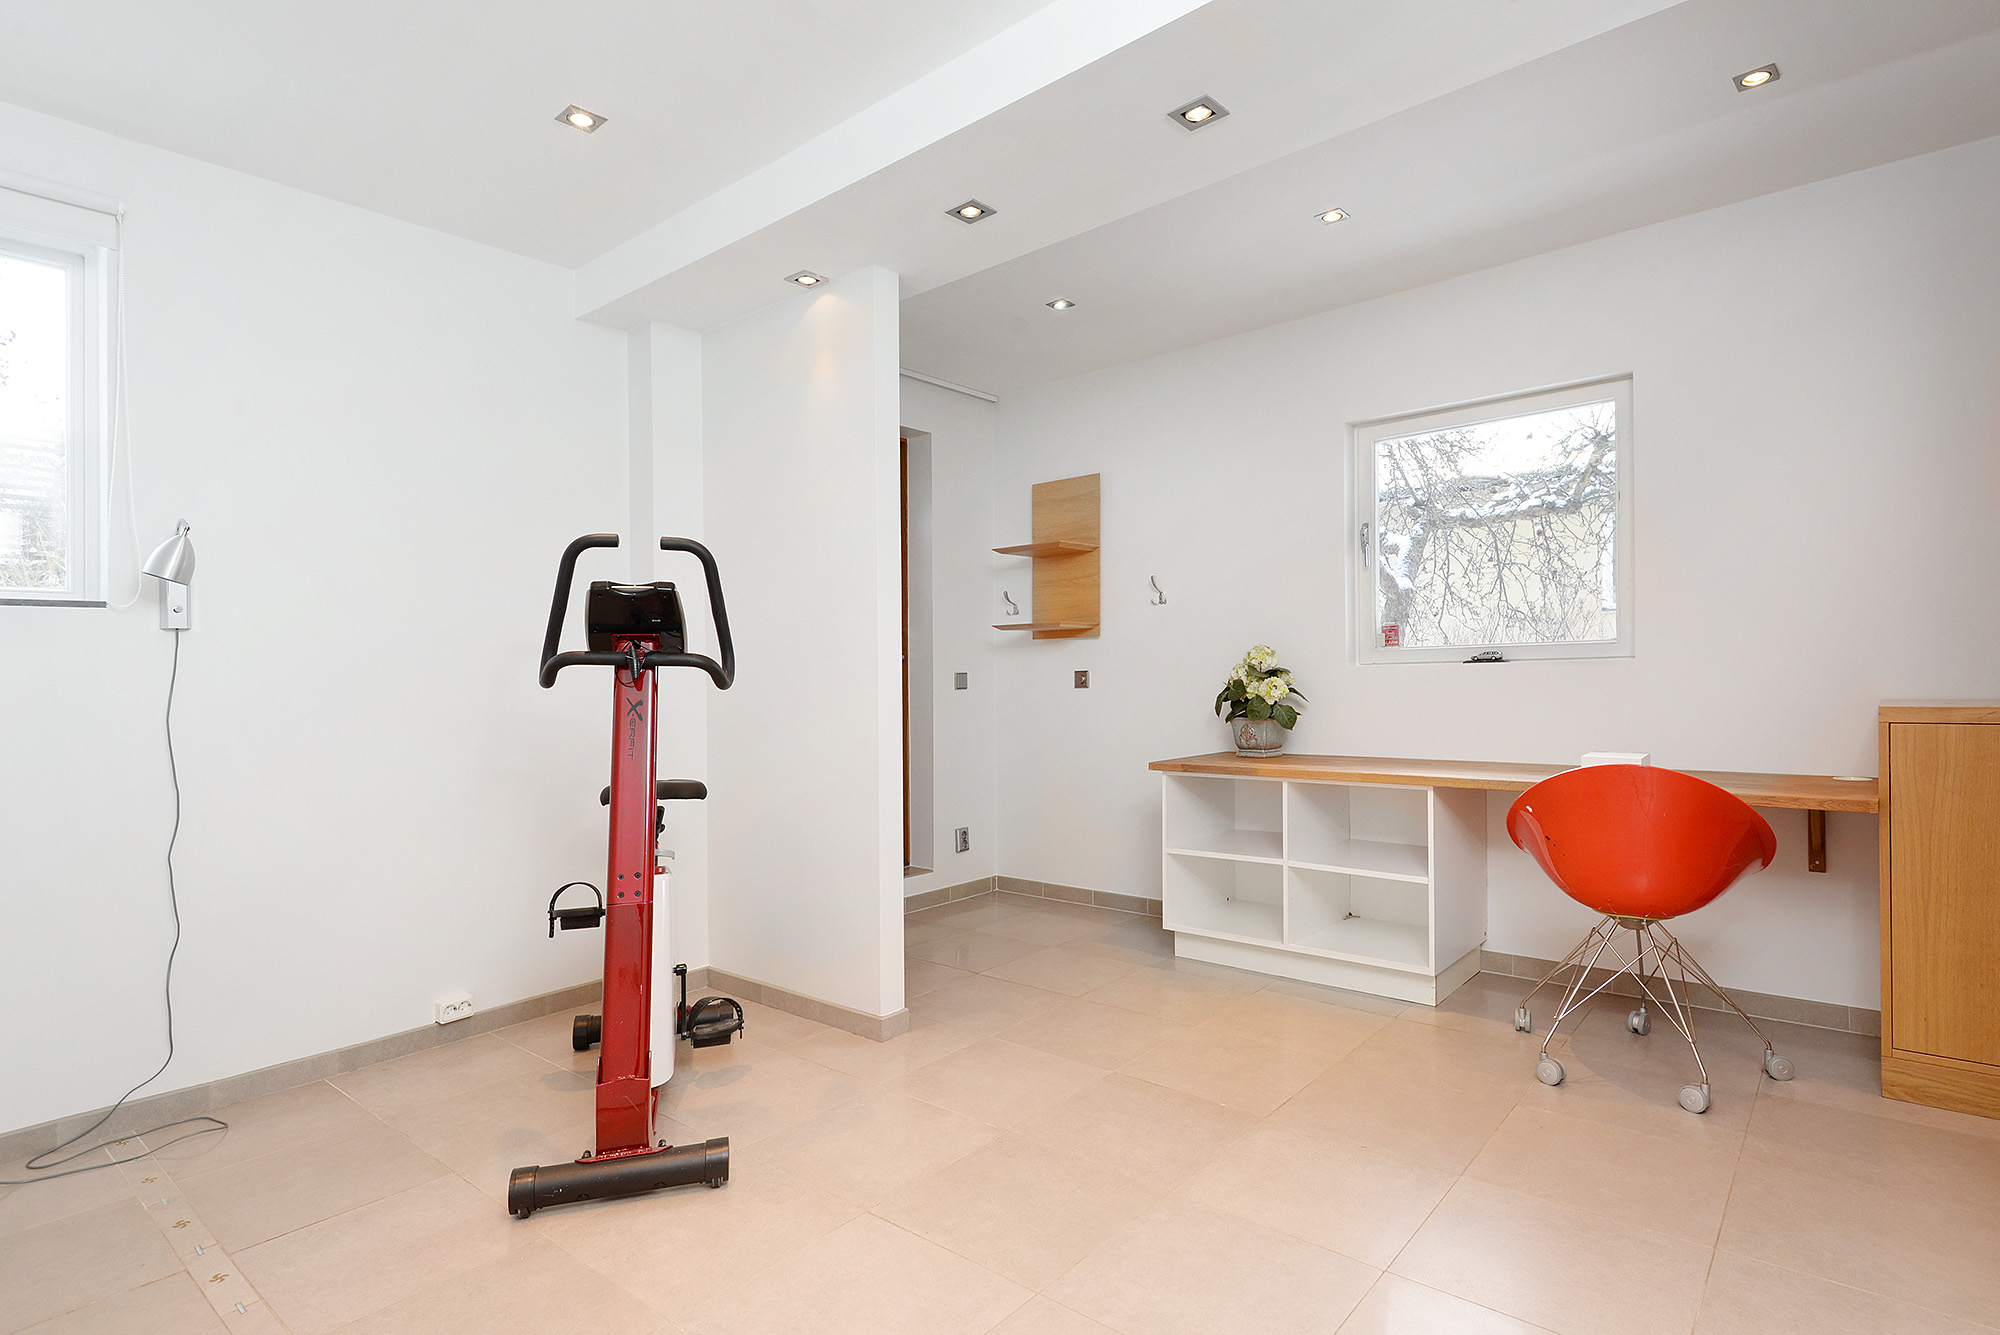 Gym/sovrum med egen ingång, bottenplanet